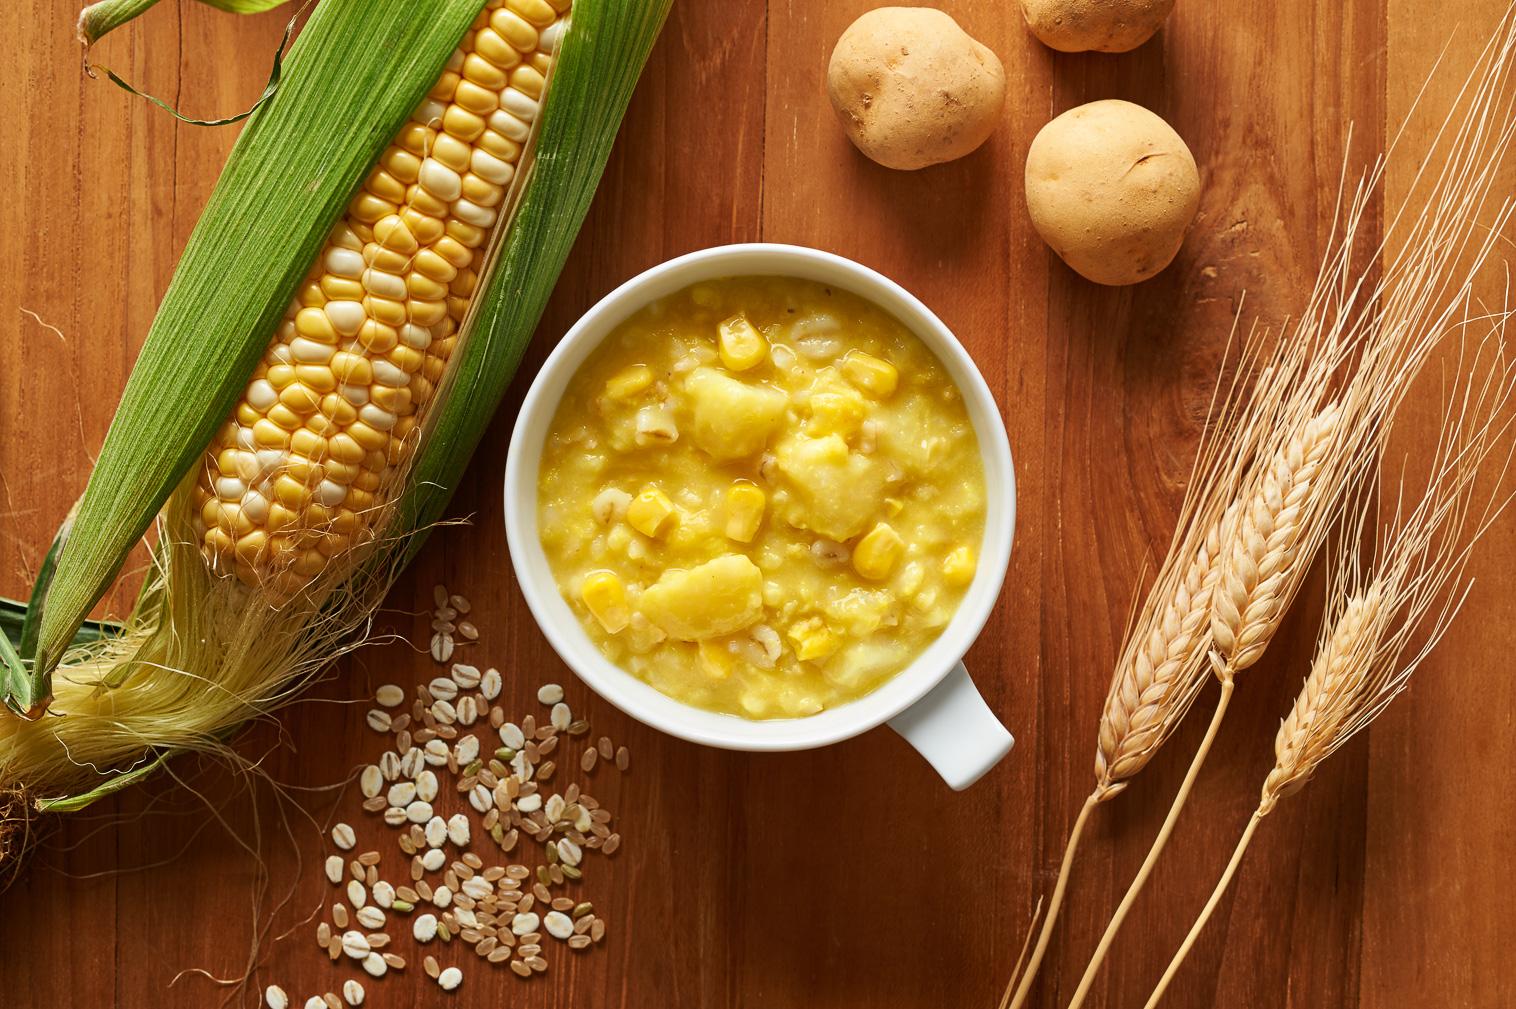 potayu corn ぽたーゆコーン 盛り付けイメージ